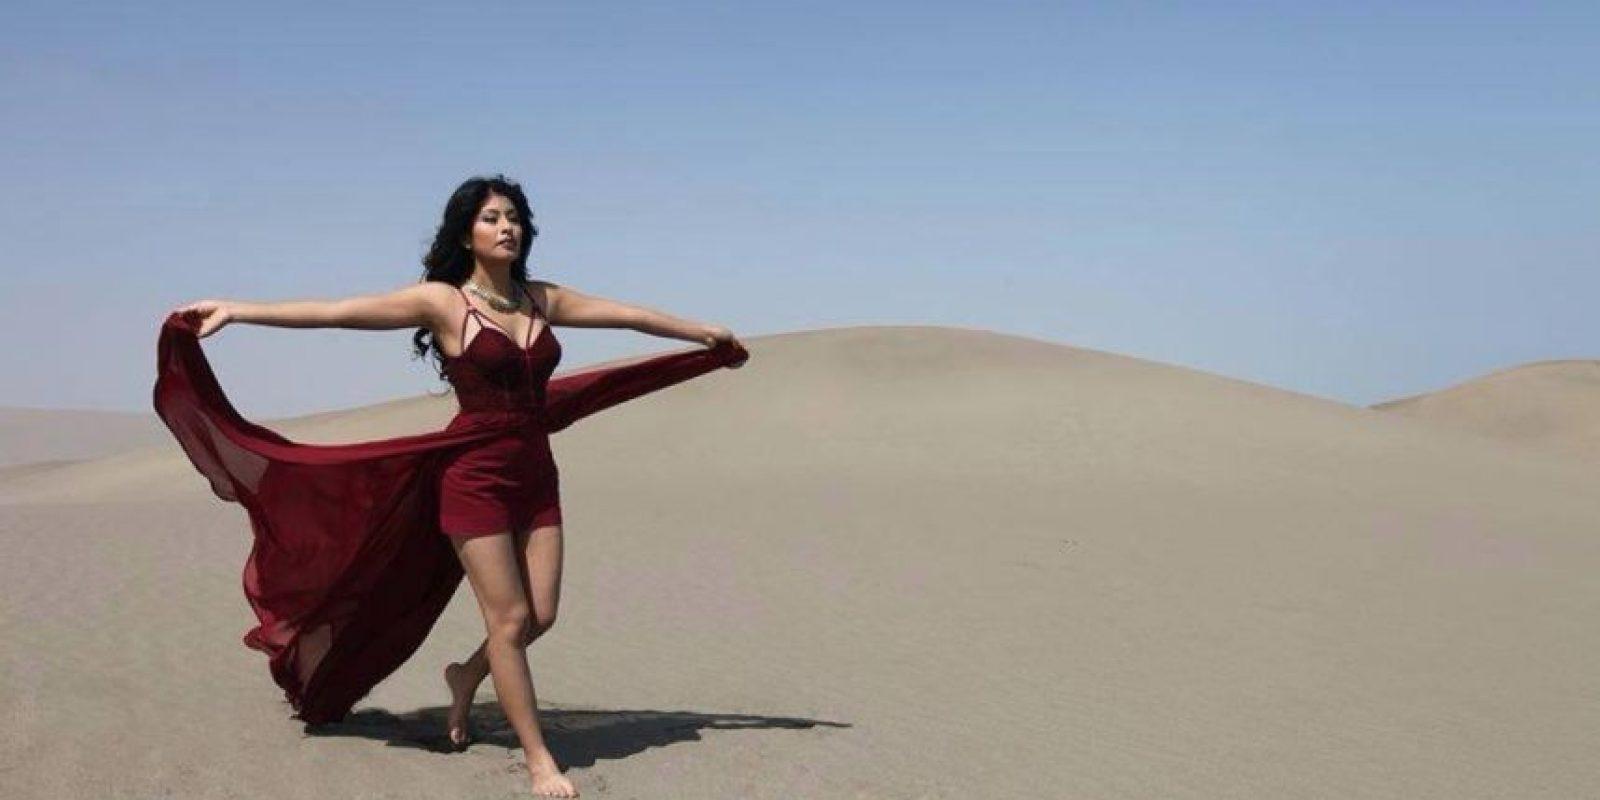 Para 2011 Sulca era uno de los peruanos más influyentes. Foto:Wendy Sulca/Facebook